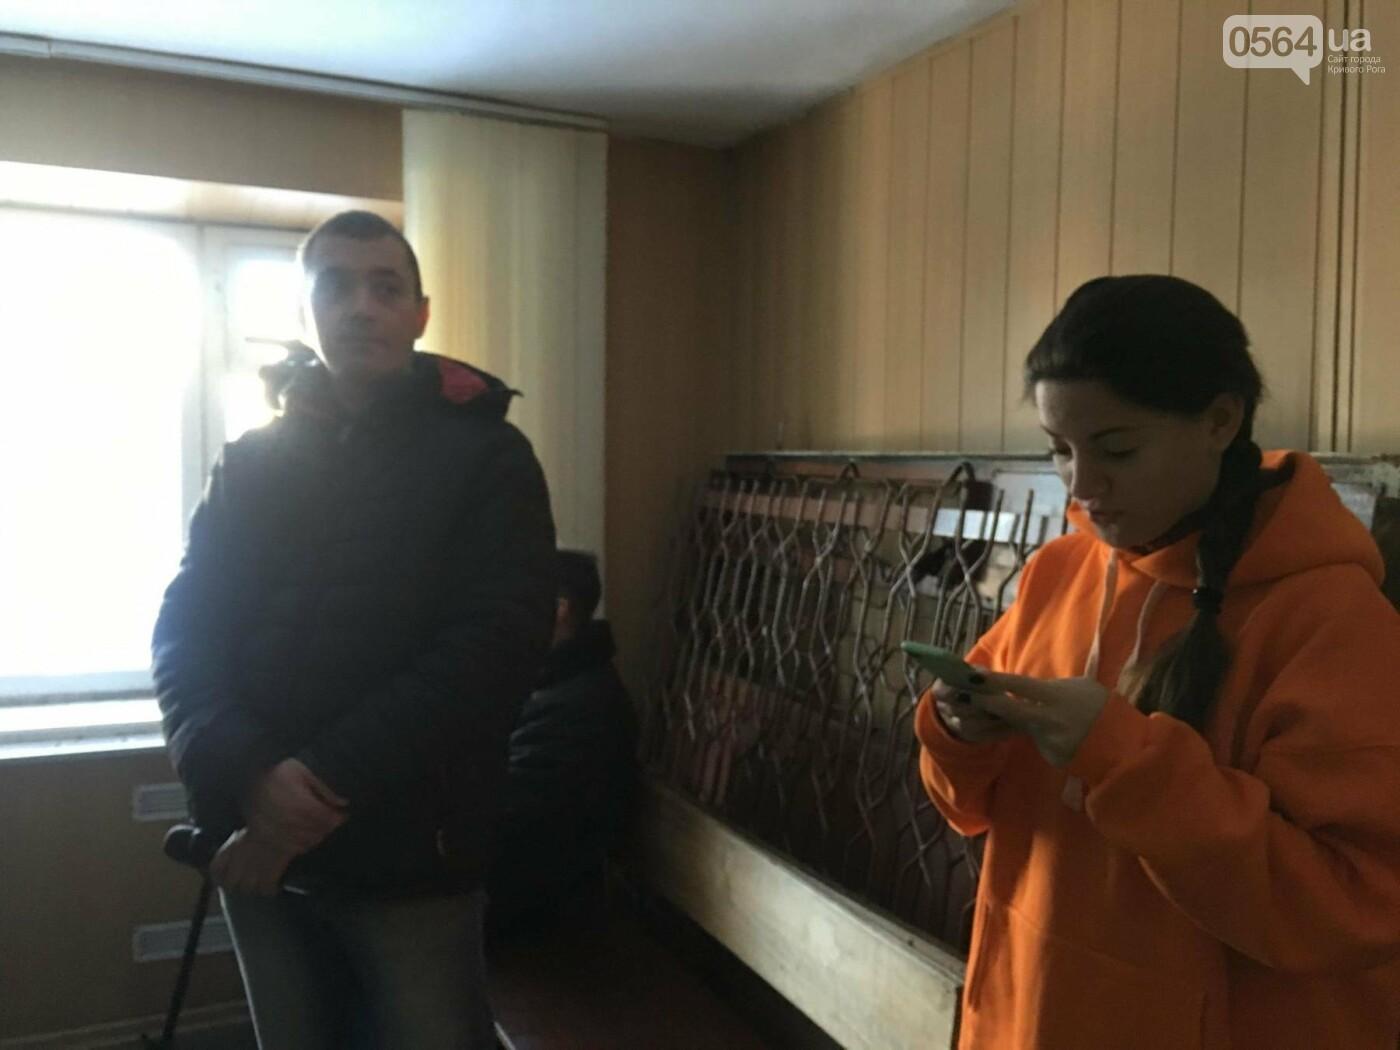 Дело о надругательстве над Флагом в Кривом Роге: Важного свидетеля доставят в суд принудительно (ОБНОВЛЕНО, ФОТО), фото-18